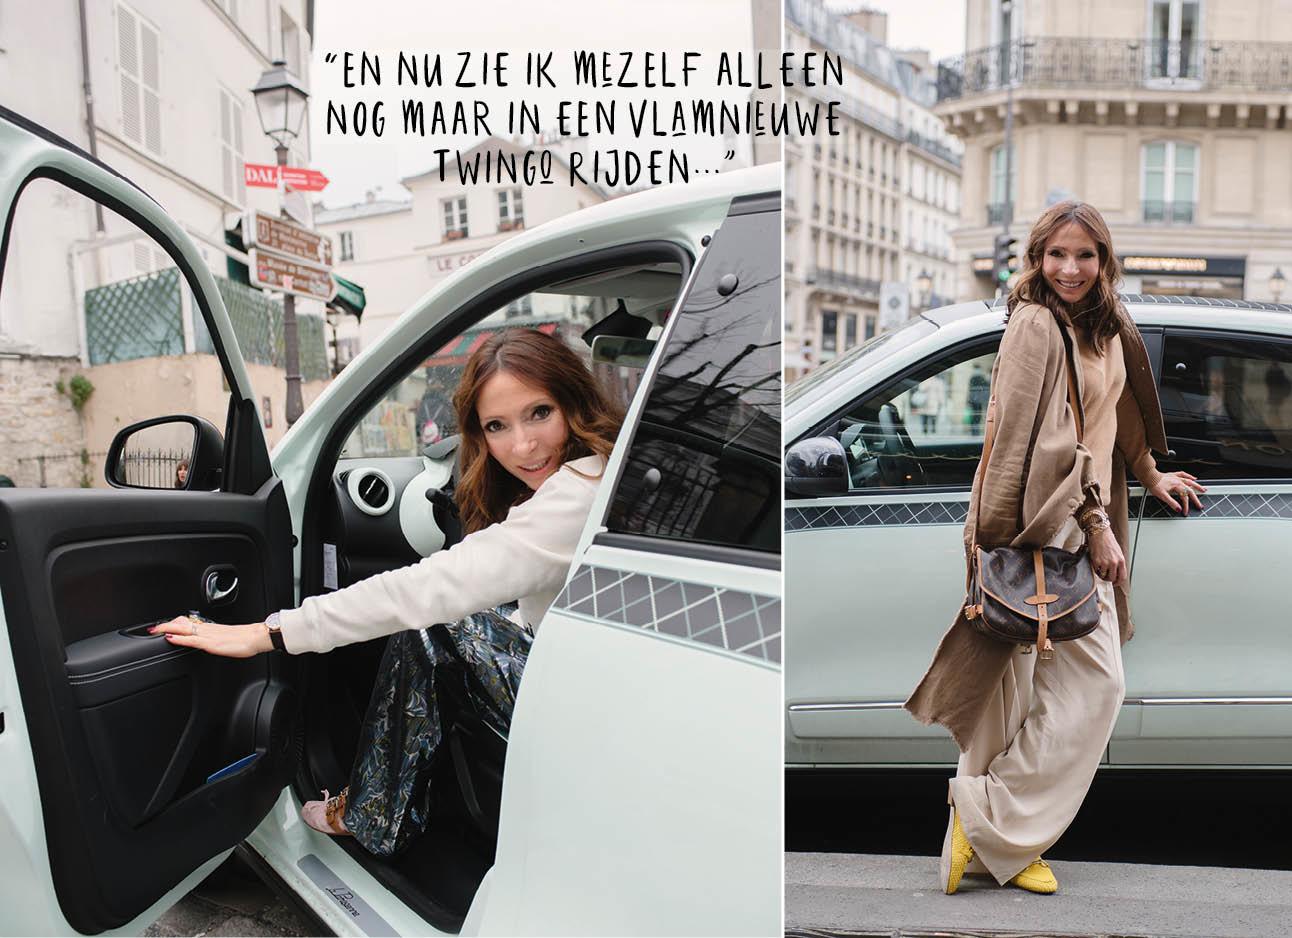 may in haar renault twingo in parijs, nieuwe auto